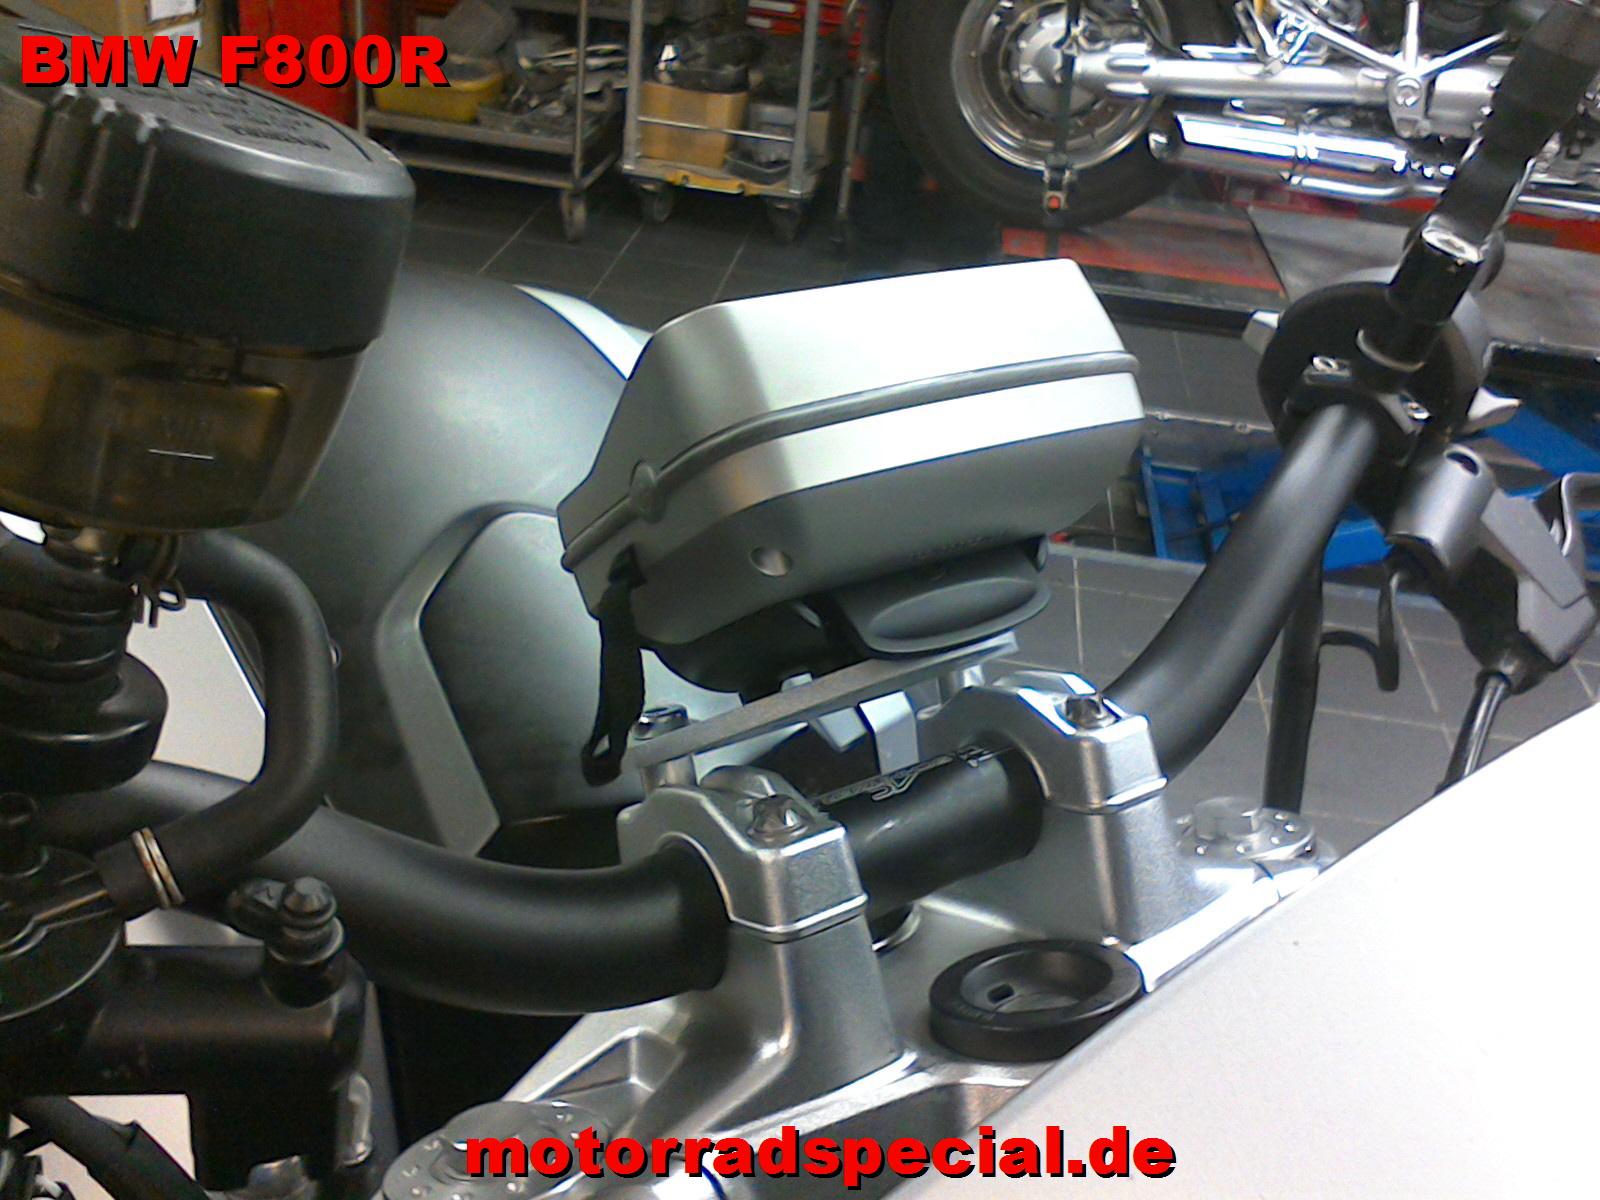 BMW_F800R_Navigationshalter_Rider2_Navihalter_Navihalterung_2